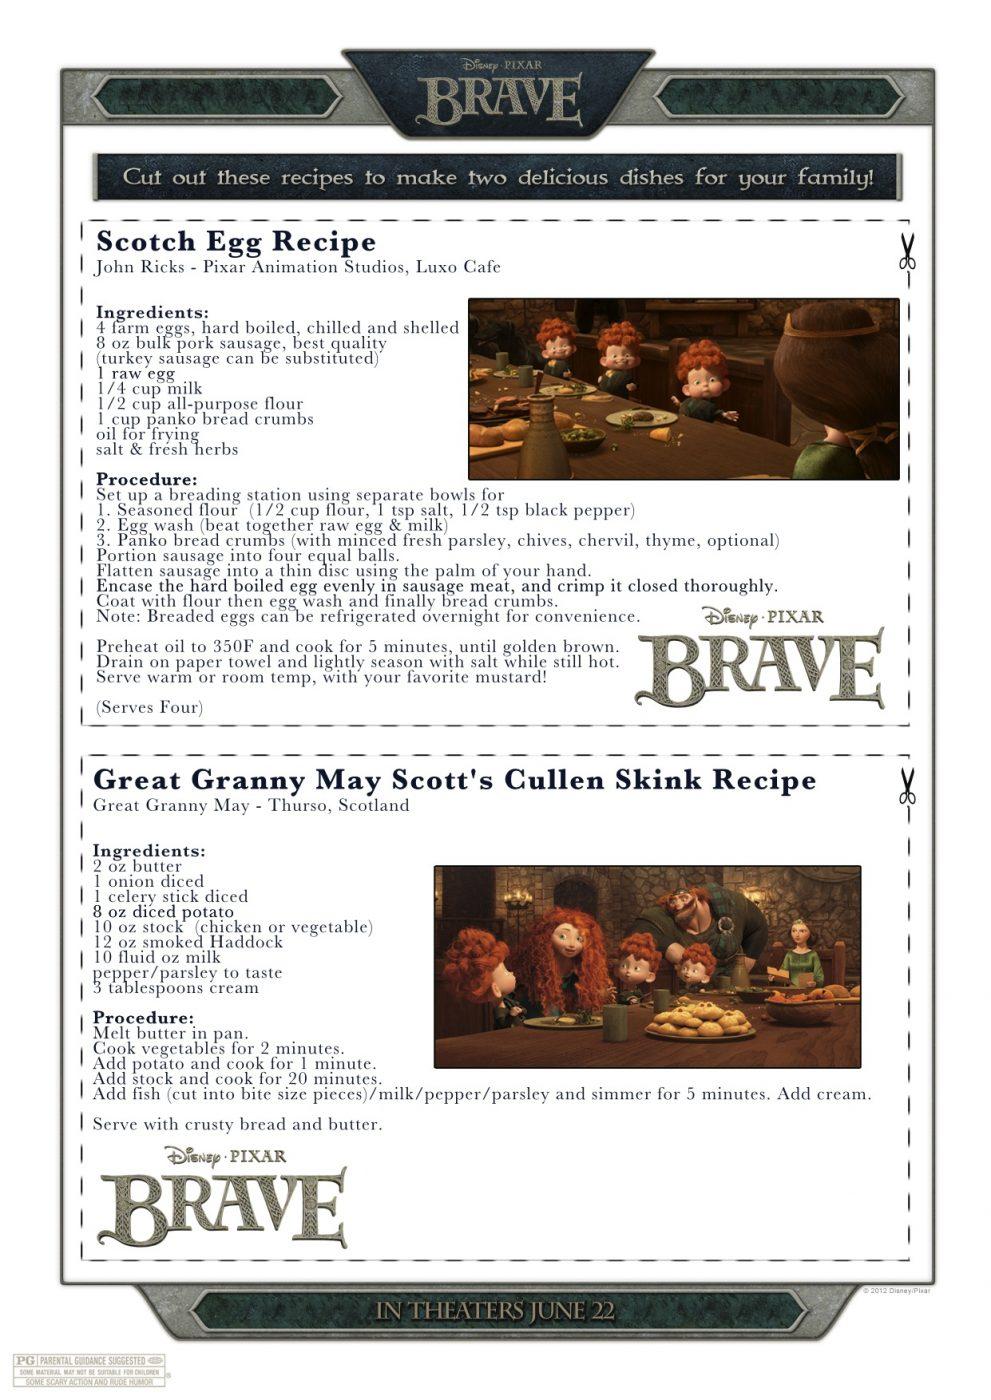 BRAVE FPK Recipes